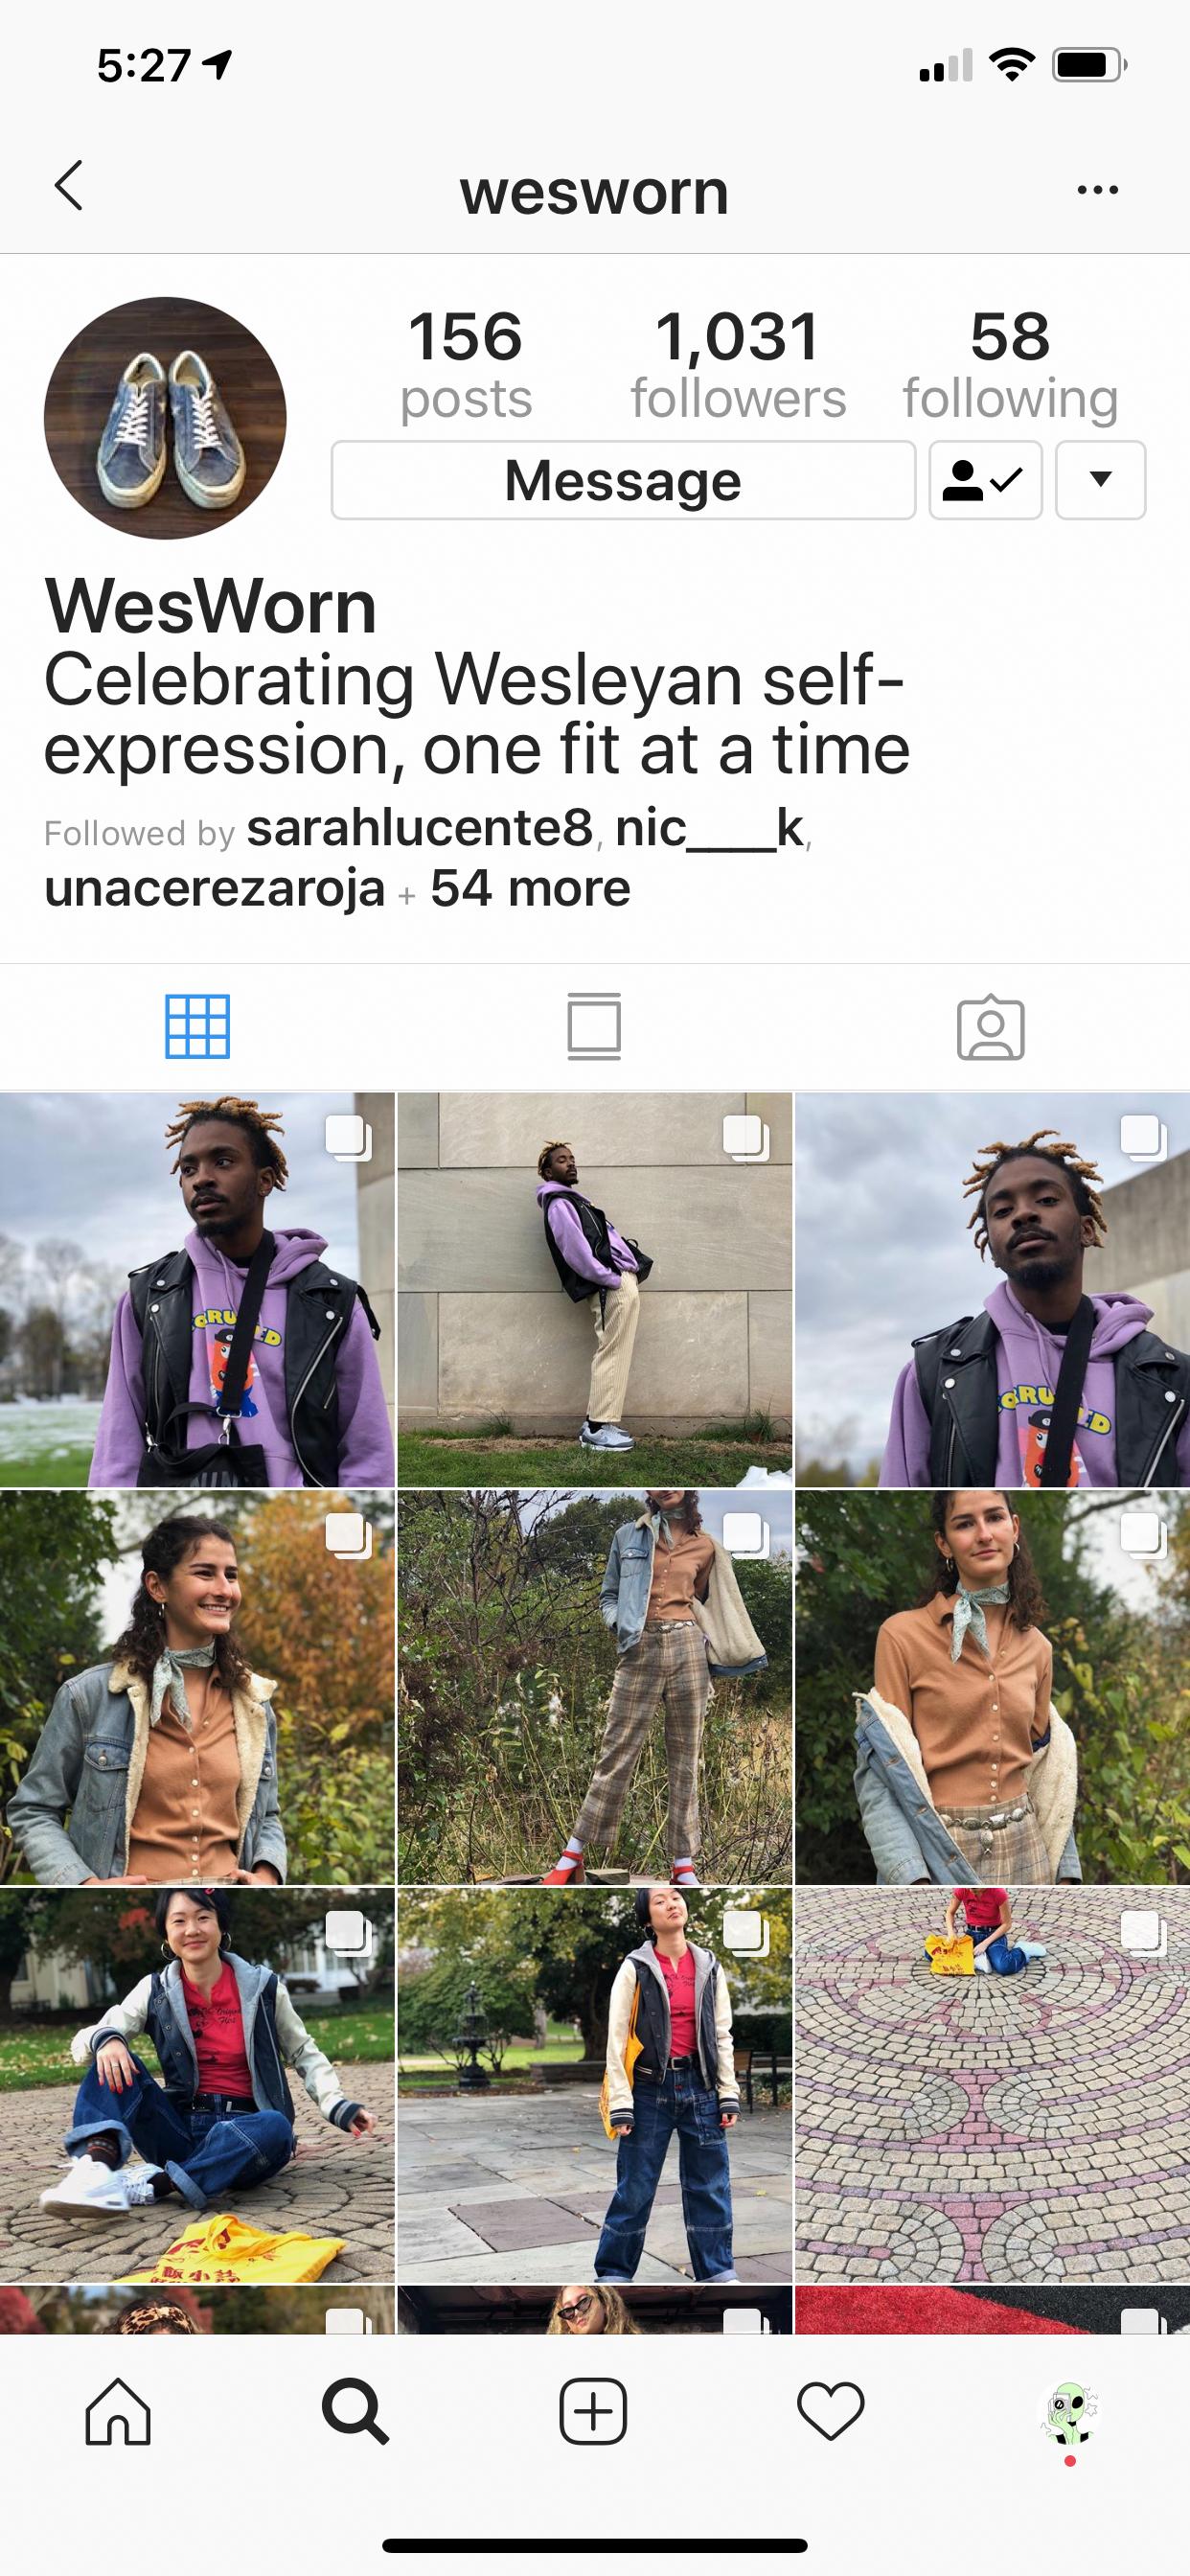 c/o instagram.com/WesWorn